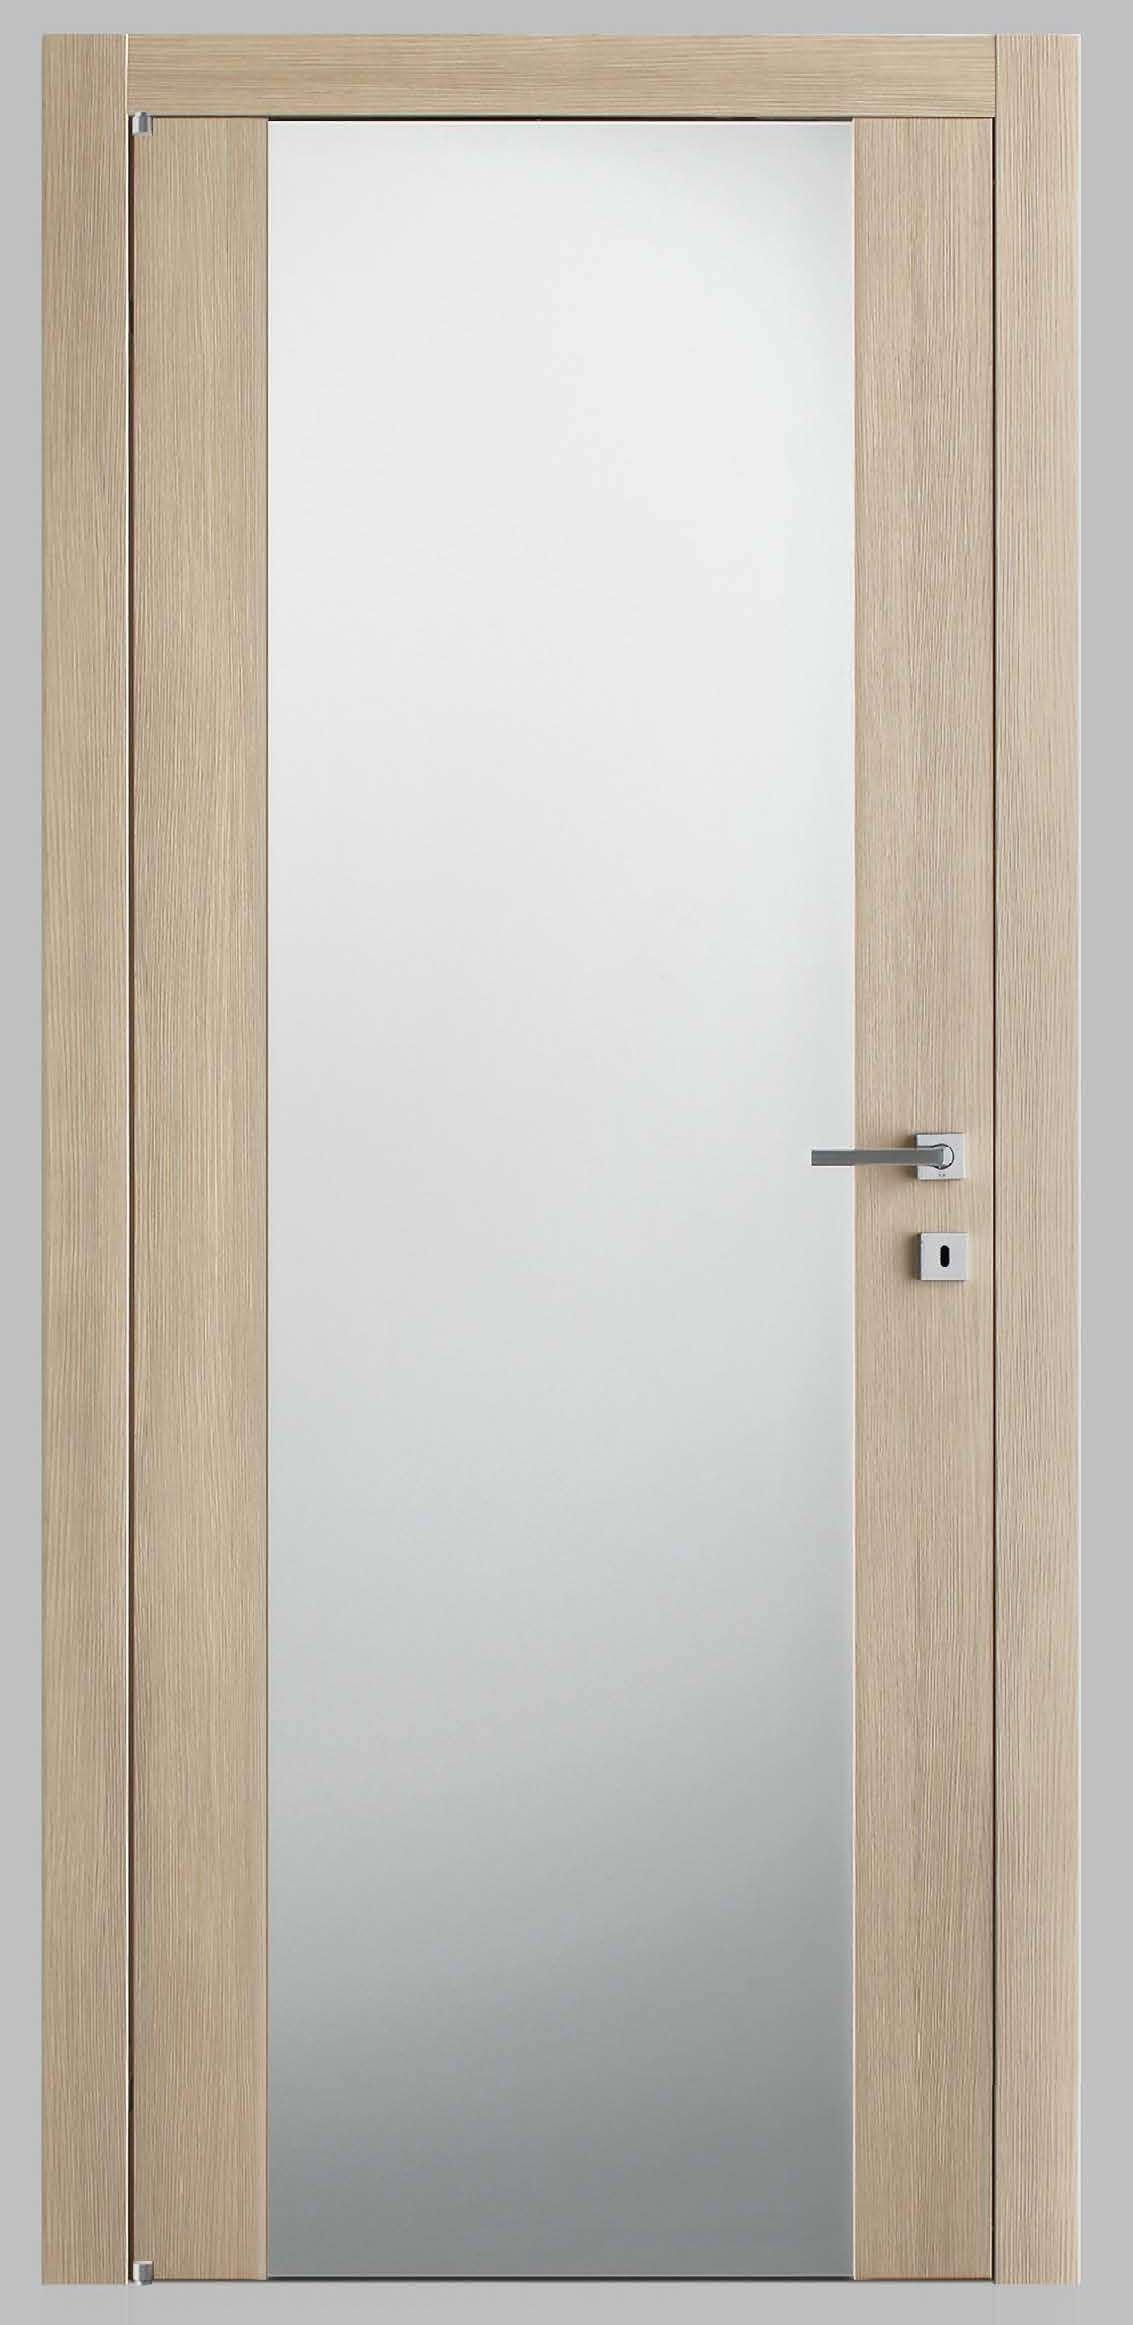 Porte interne in laminato con vetro le più belle solo per te